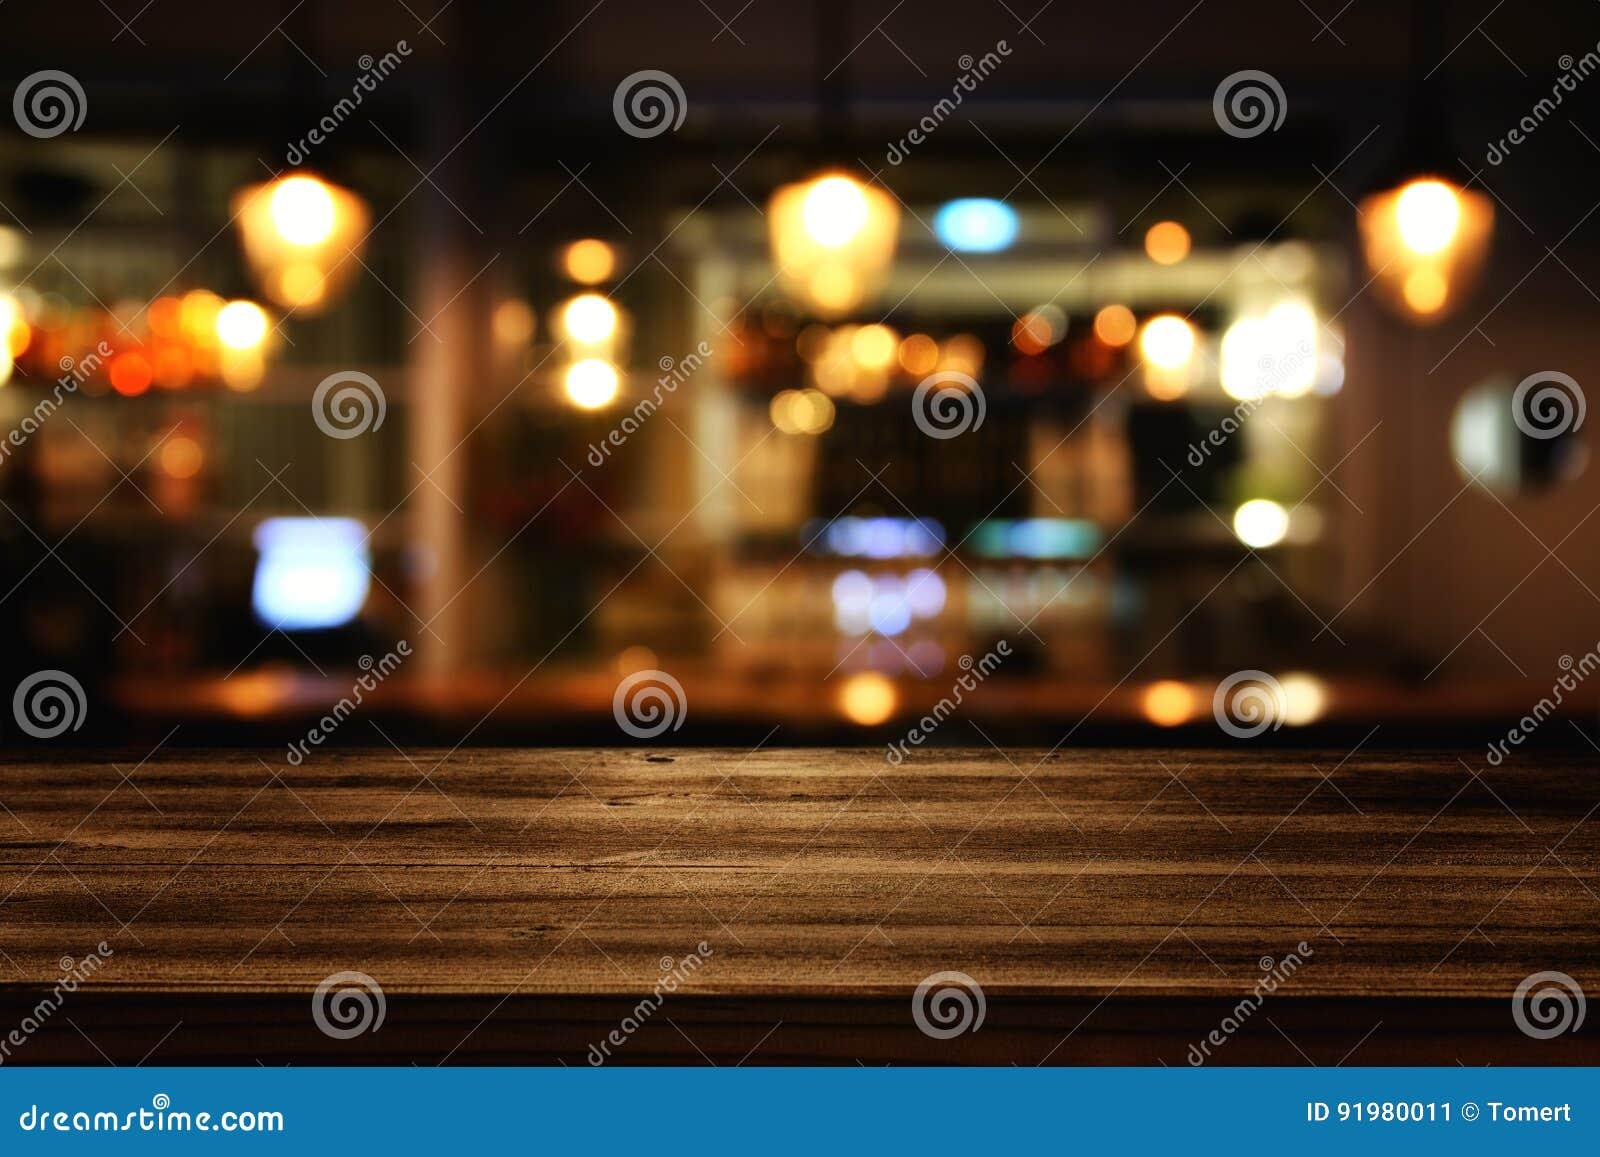 Tabla de madera delante de luces borrosas extracto del restaurante